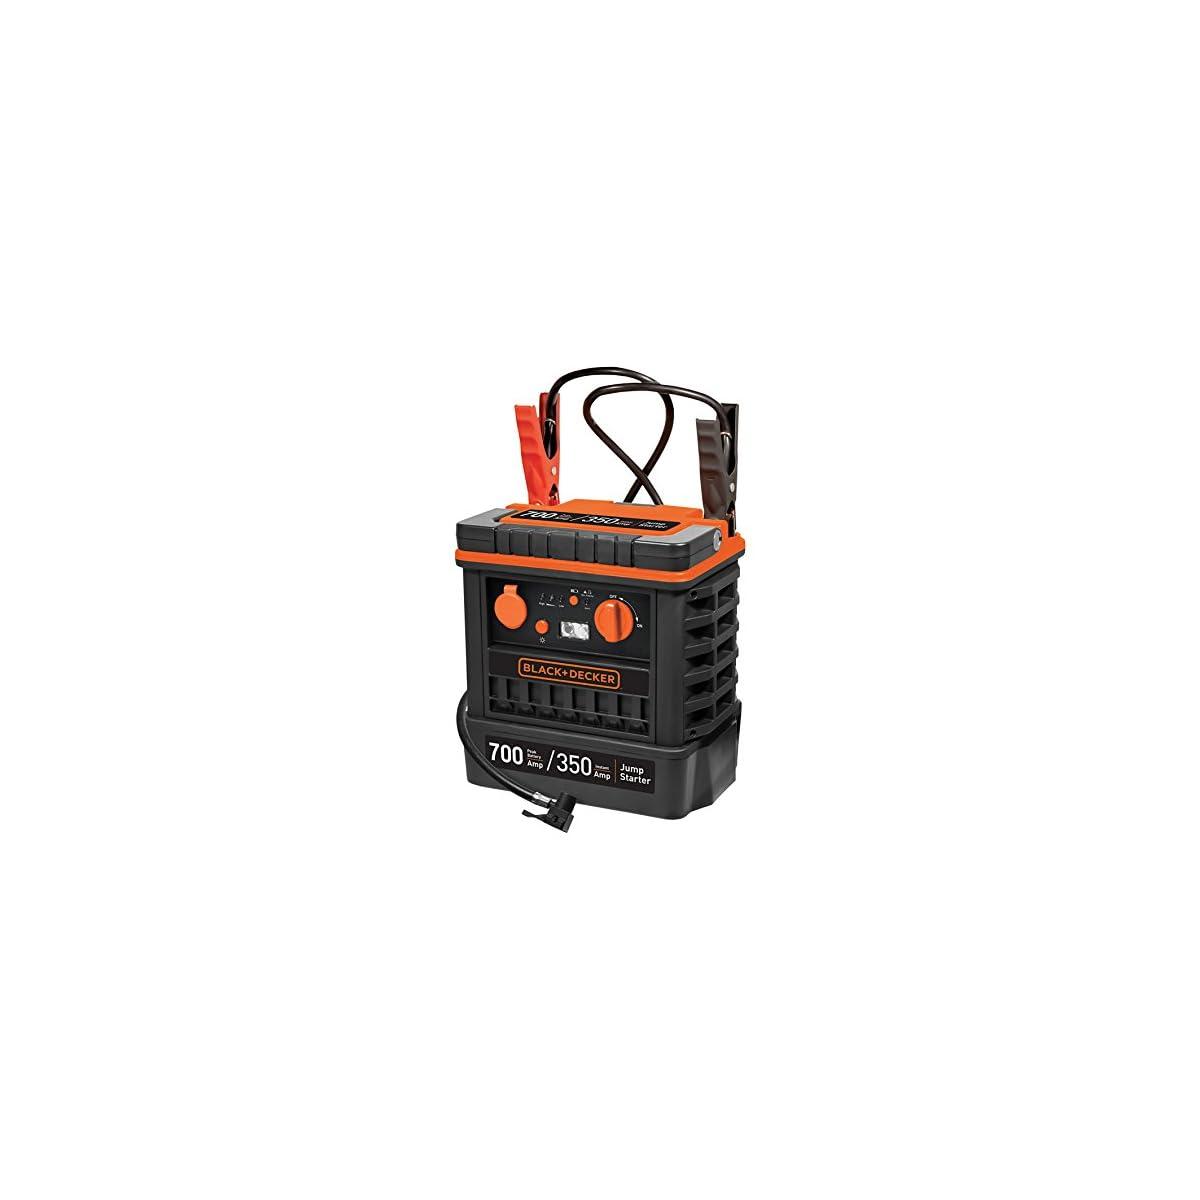 5105o9yF0lL. SS1200  - Black+Decker JS700TKCB Arrancador y Compresor de 350 A con Bolsa